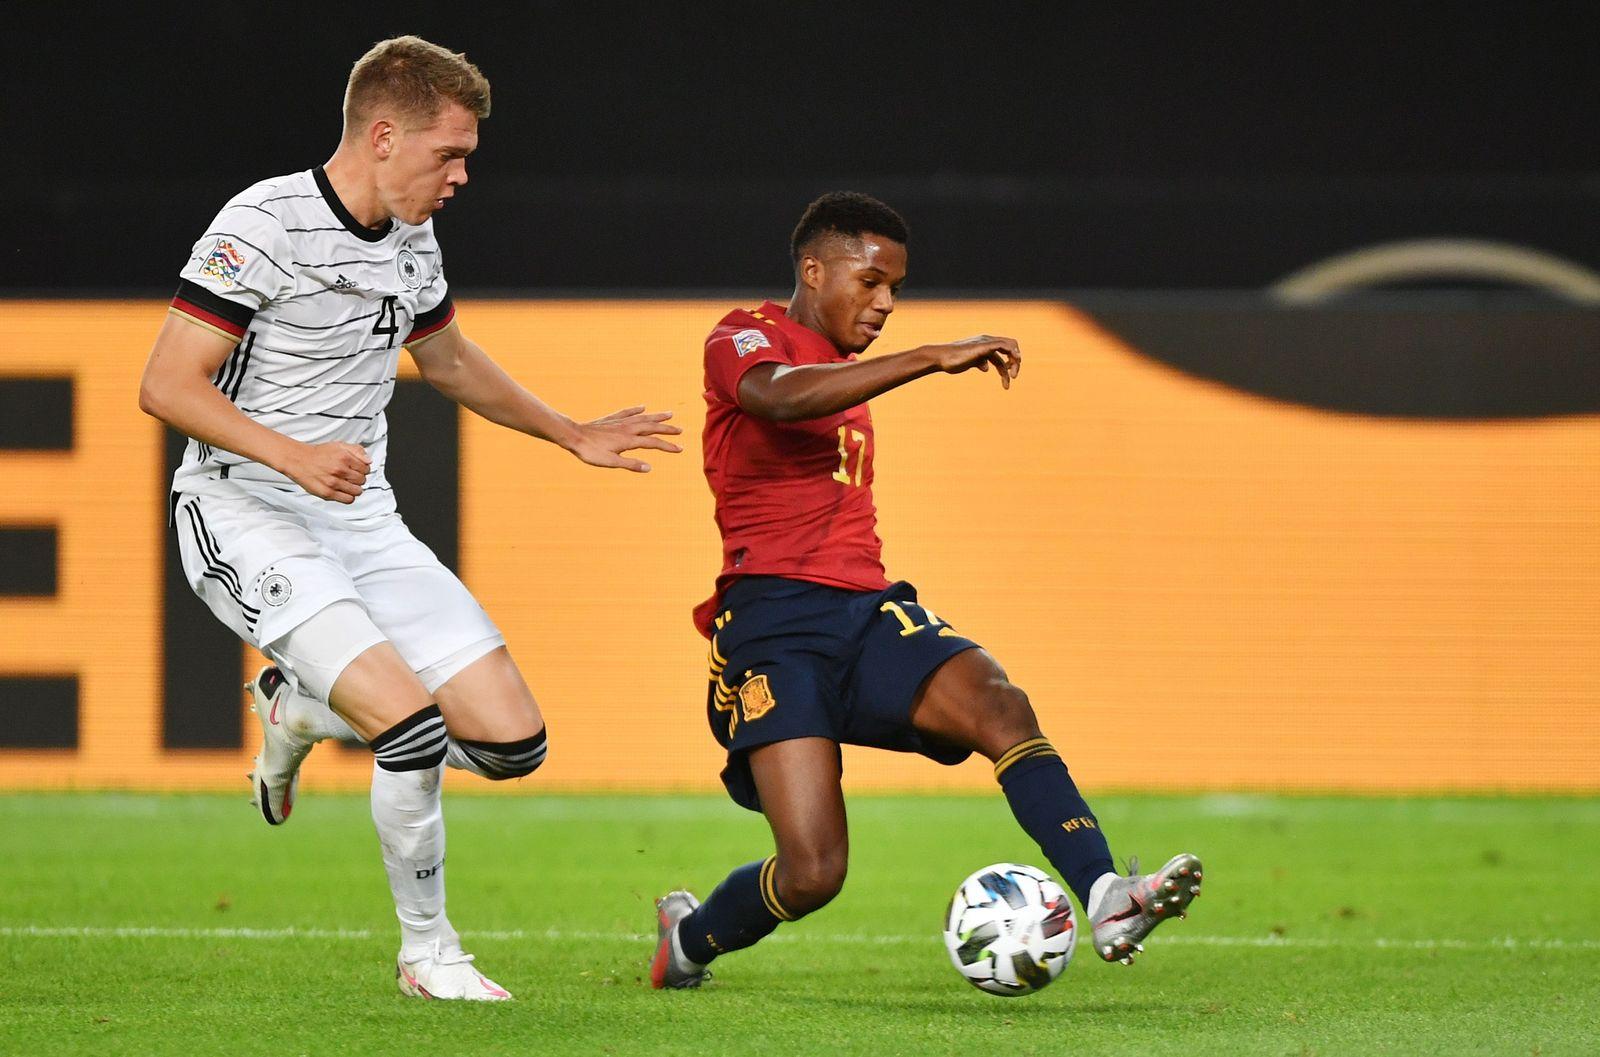 Germany vs Spain, Stuttgart - 03 Sep 2020